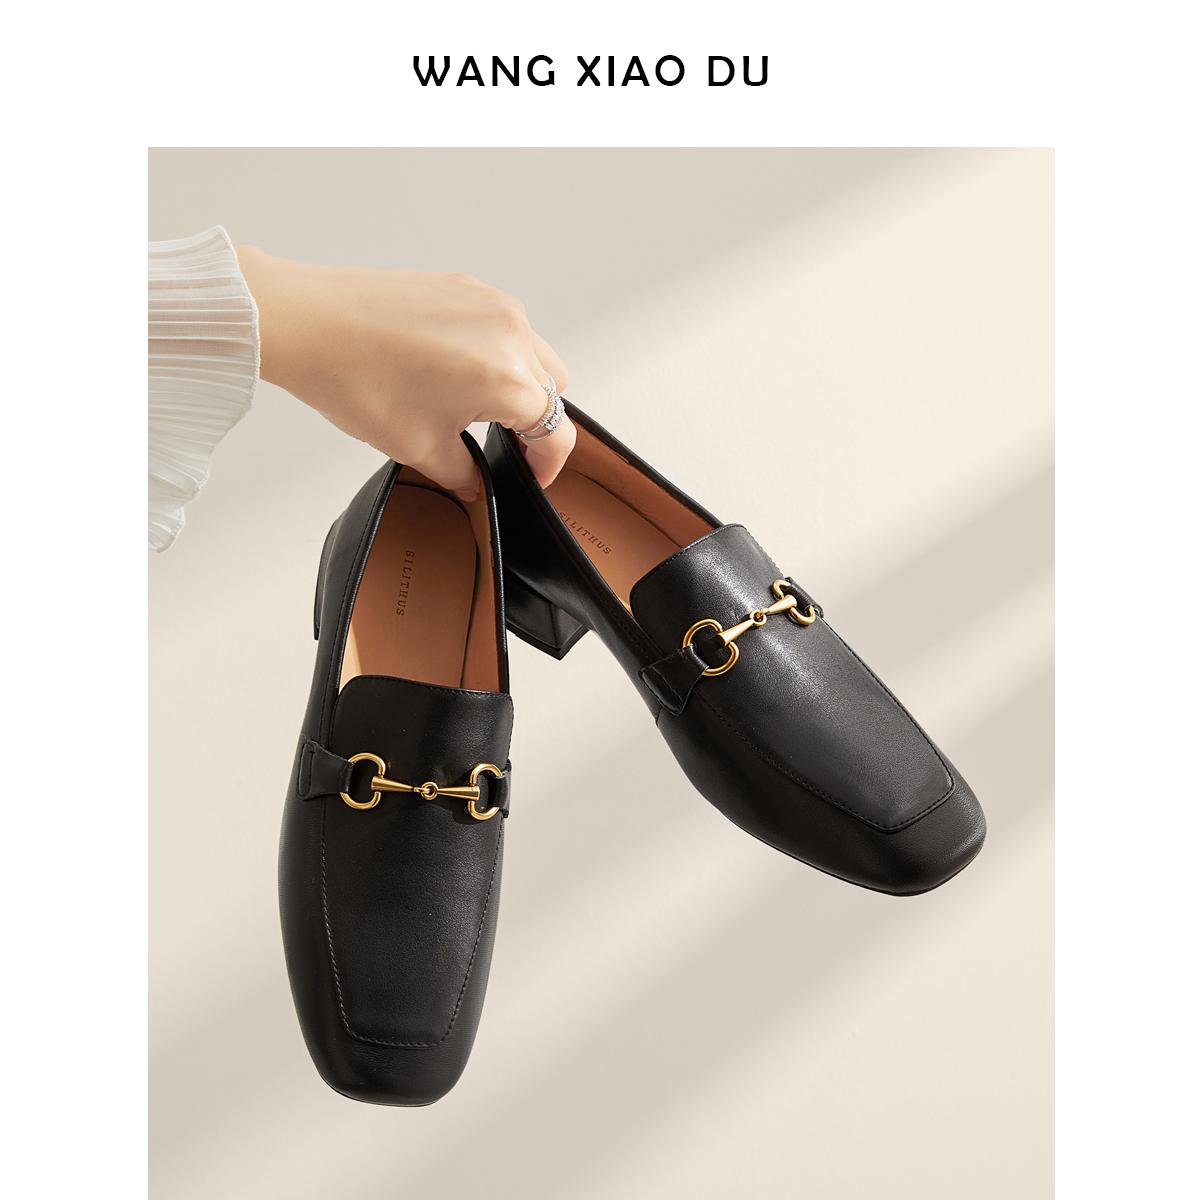 [王小毒]云朵打呼马衔扣乐福鞋女低粗跟方头单鞋2021年新款穆勒鞋